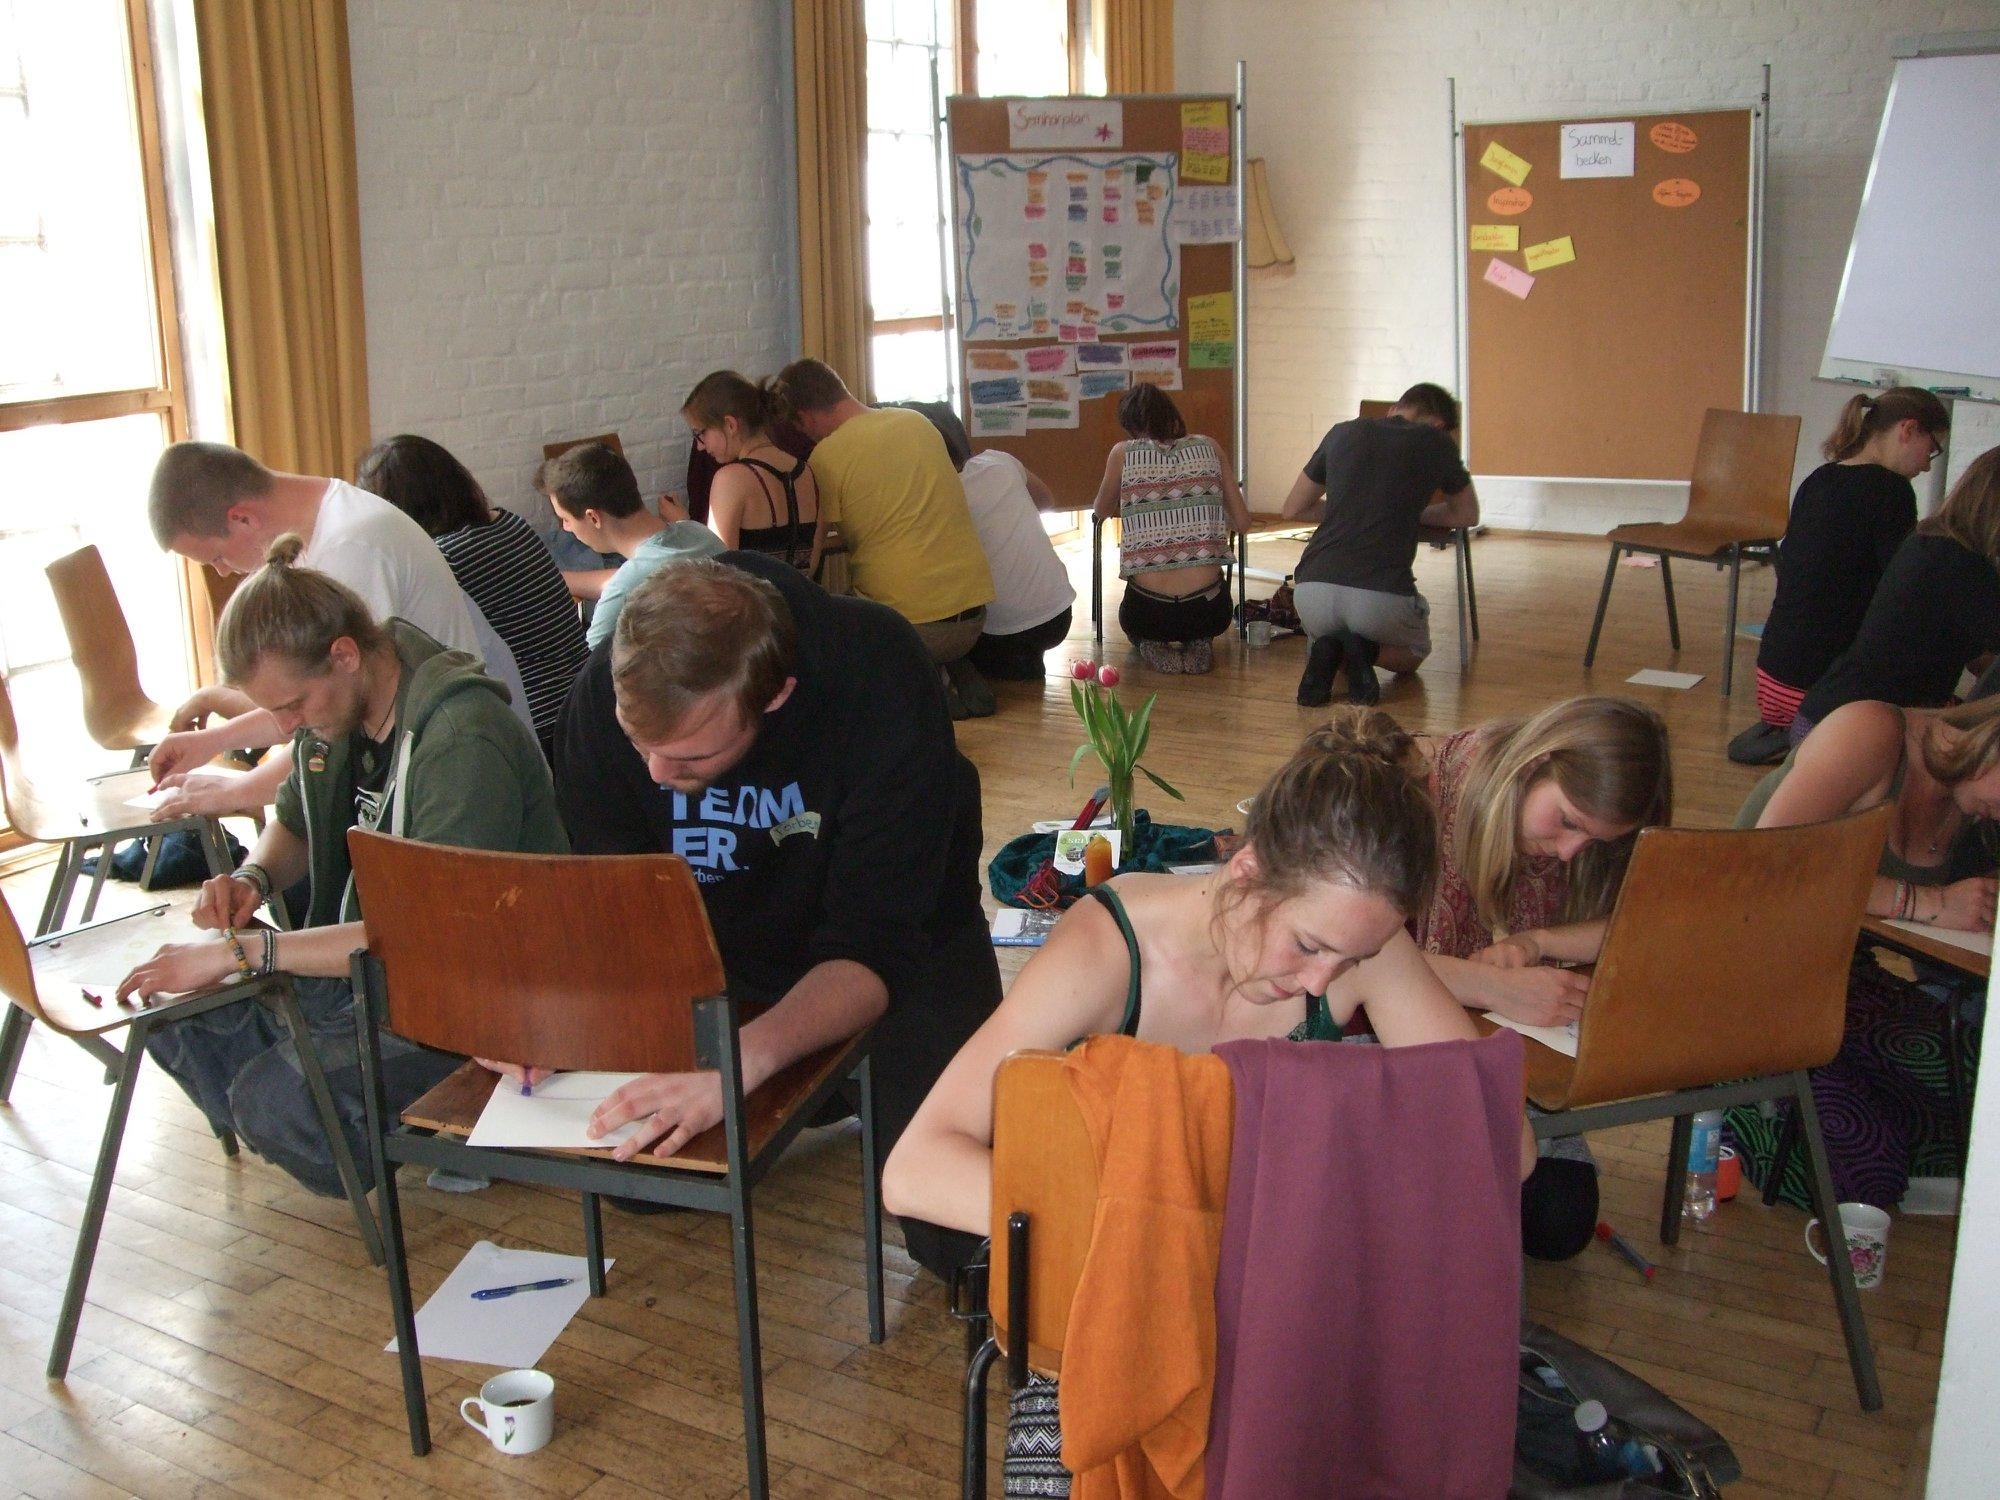 siti di incontri inglesi in Germania Halo giorno di matchmaking